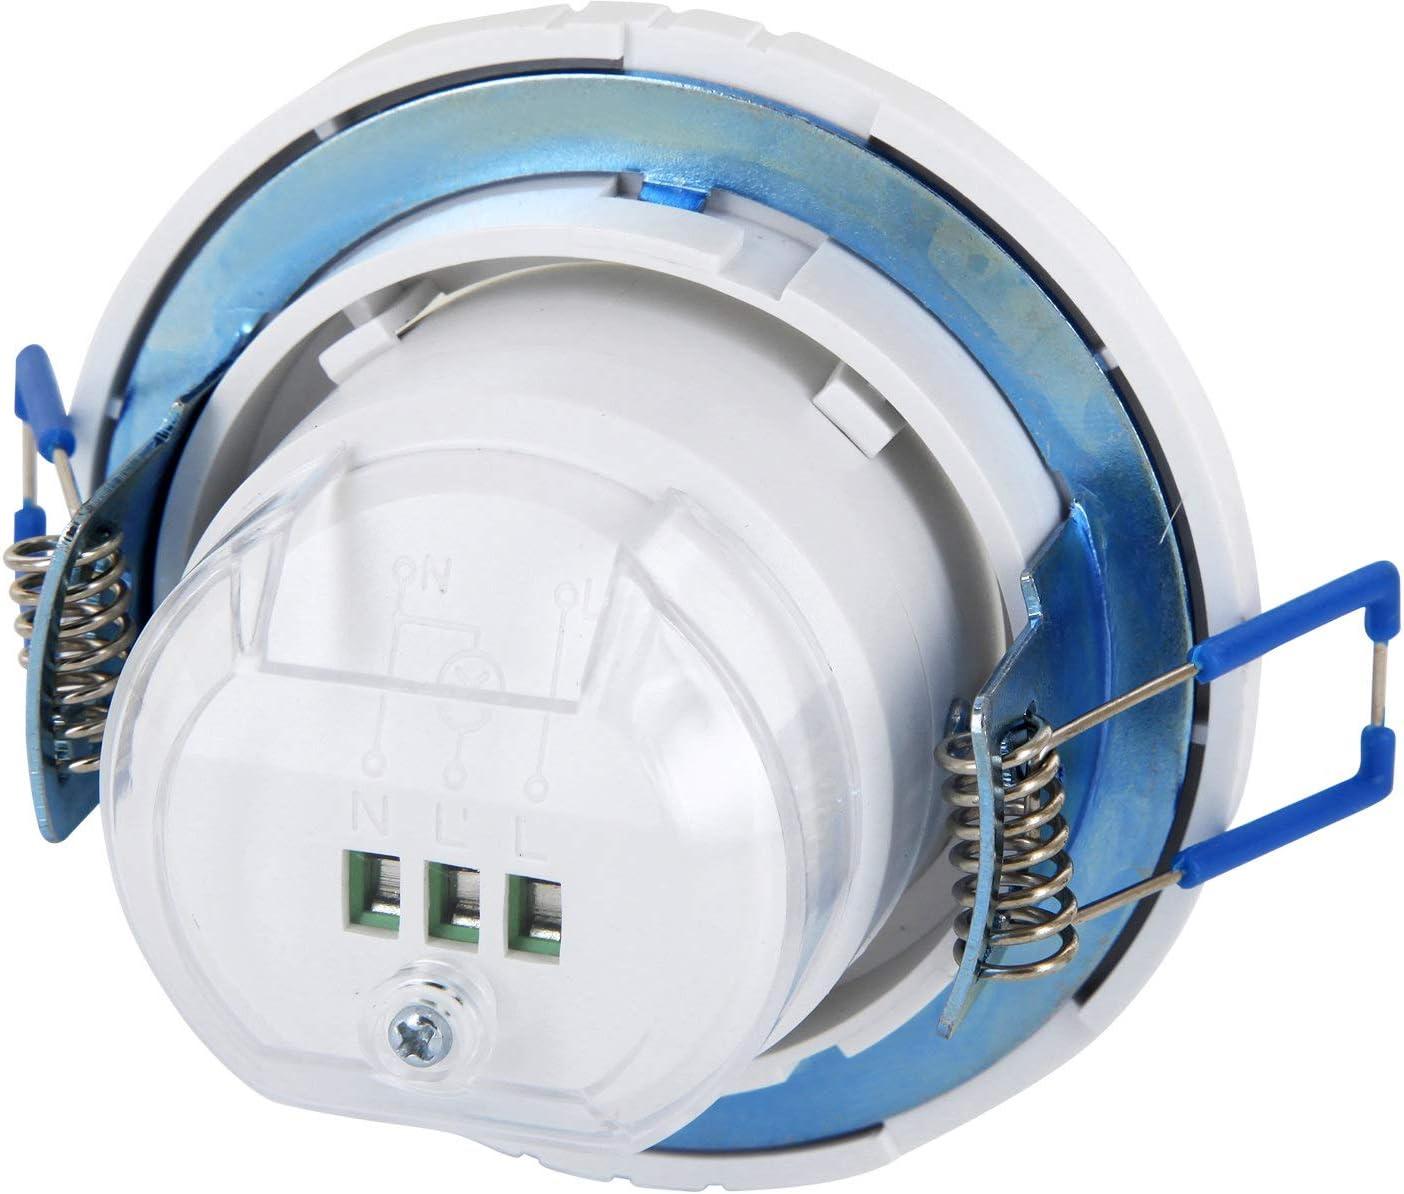 Unterputz HF Radar 360/° Bewegungsmelder schwenkbar LED geeignet 1W-1200W 230V